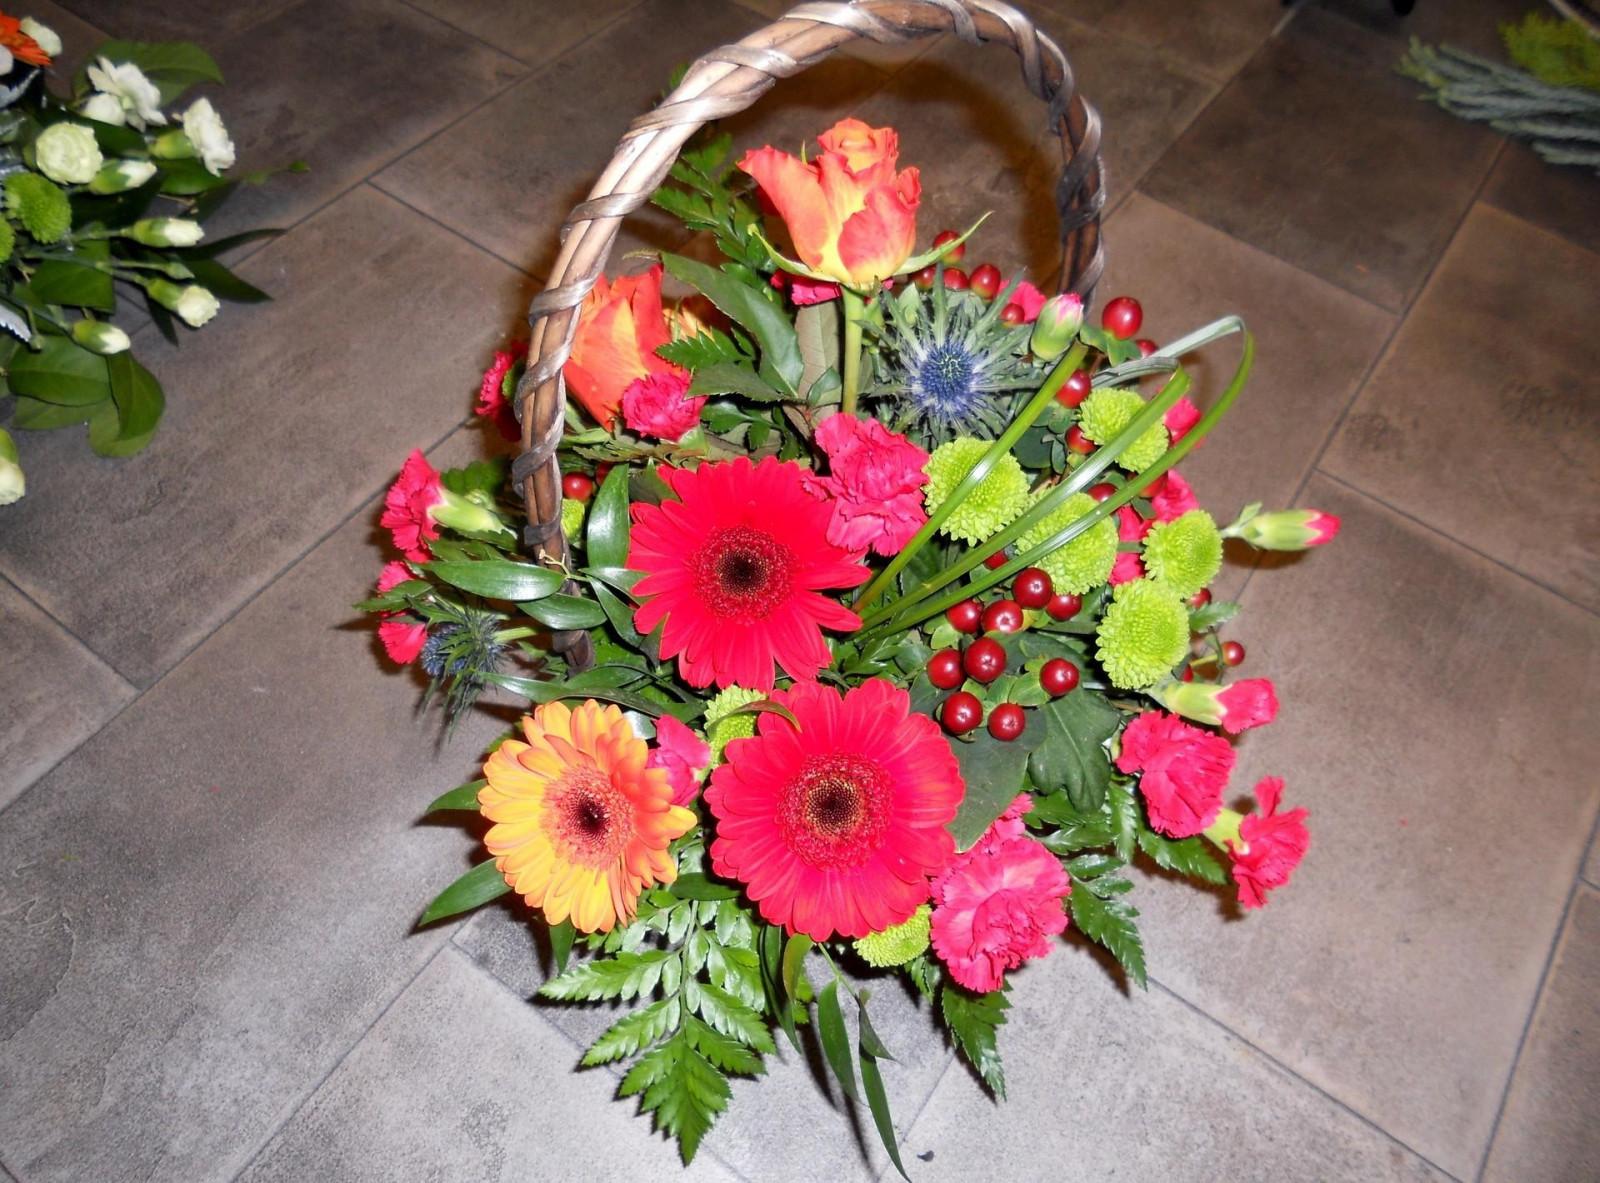 Картинки с цветами гладиолусов хризантем и герберов роз, анимация картинки